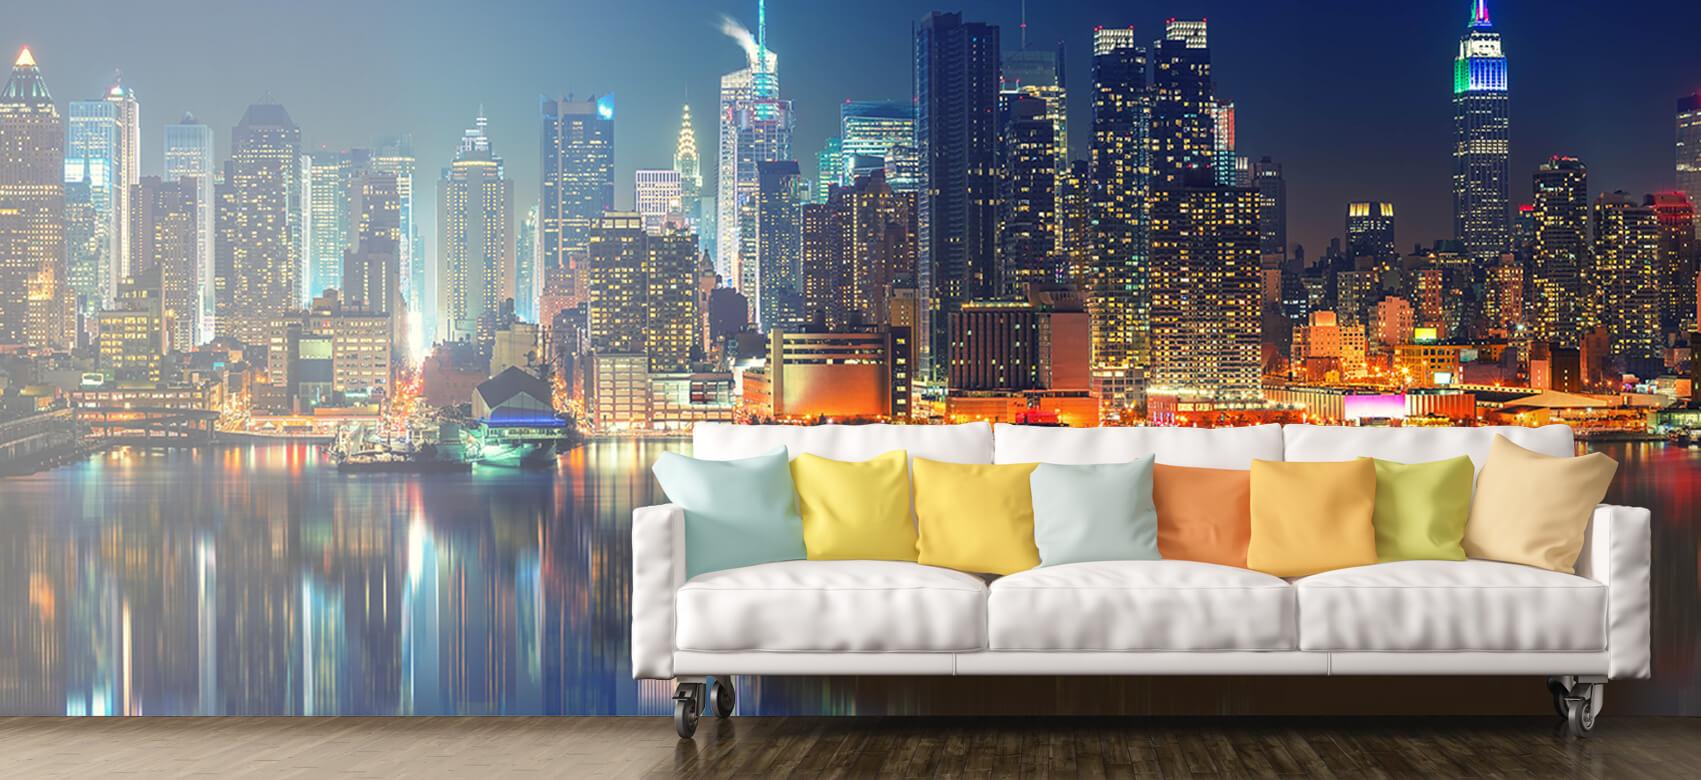 World & Cities Photo wallpaper New York skyline at night 10